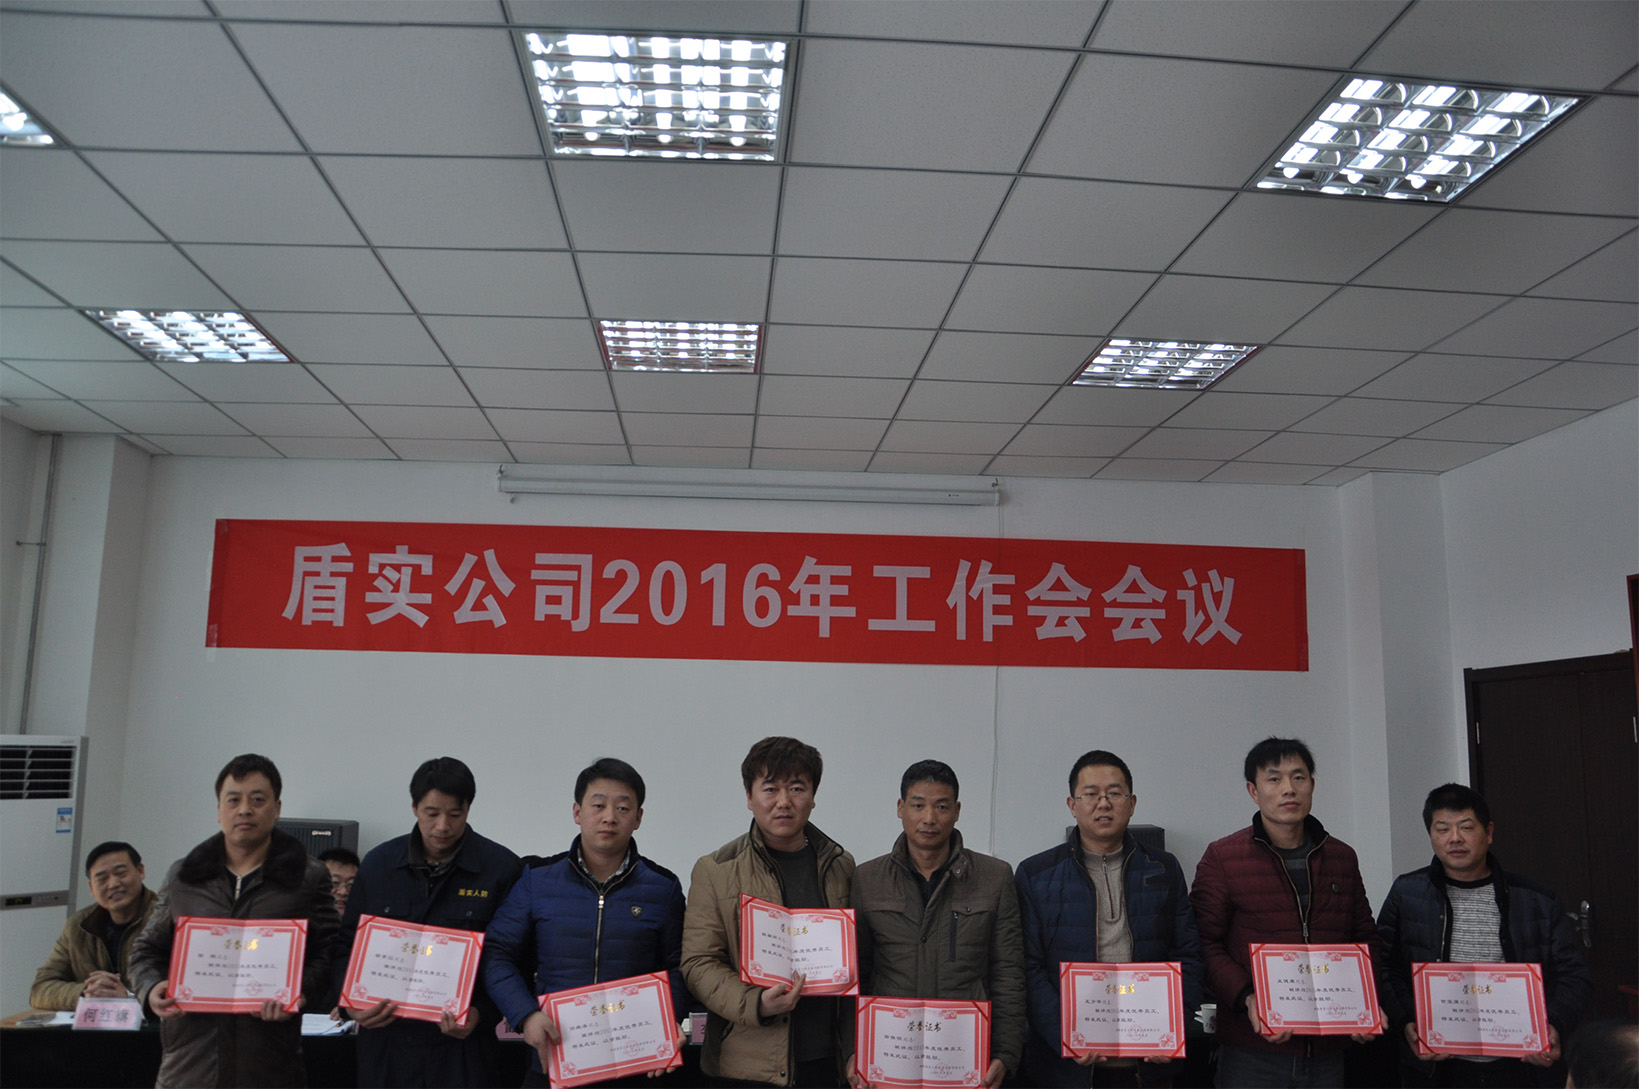 公司2016年度优秀员工代表